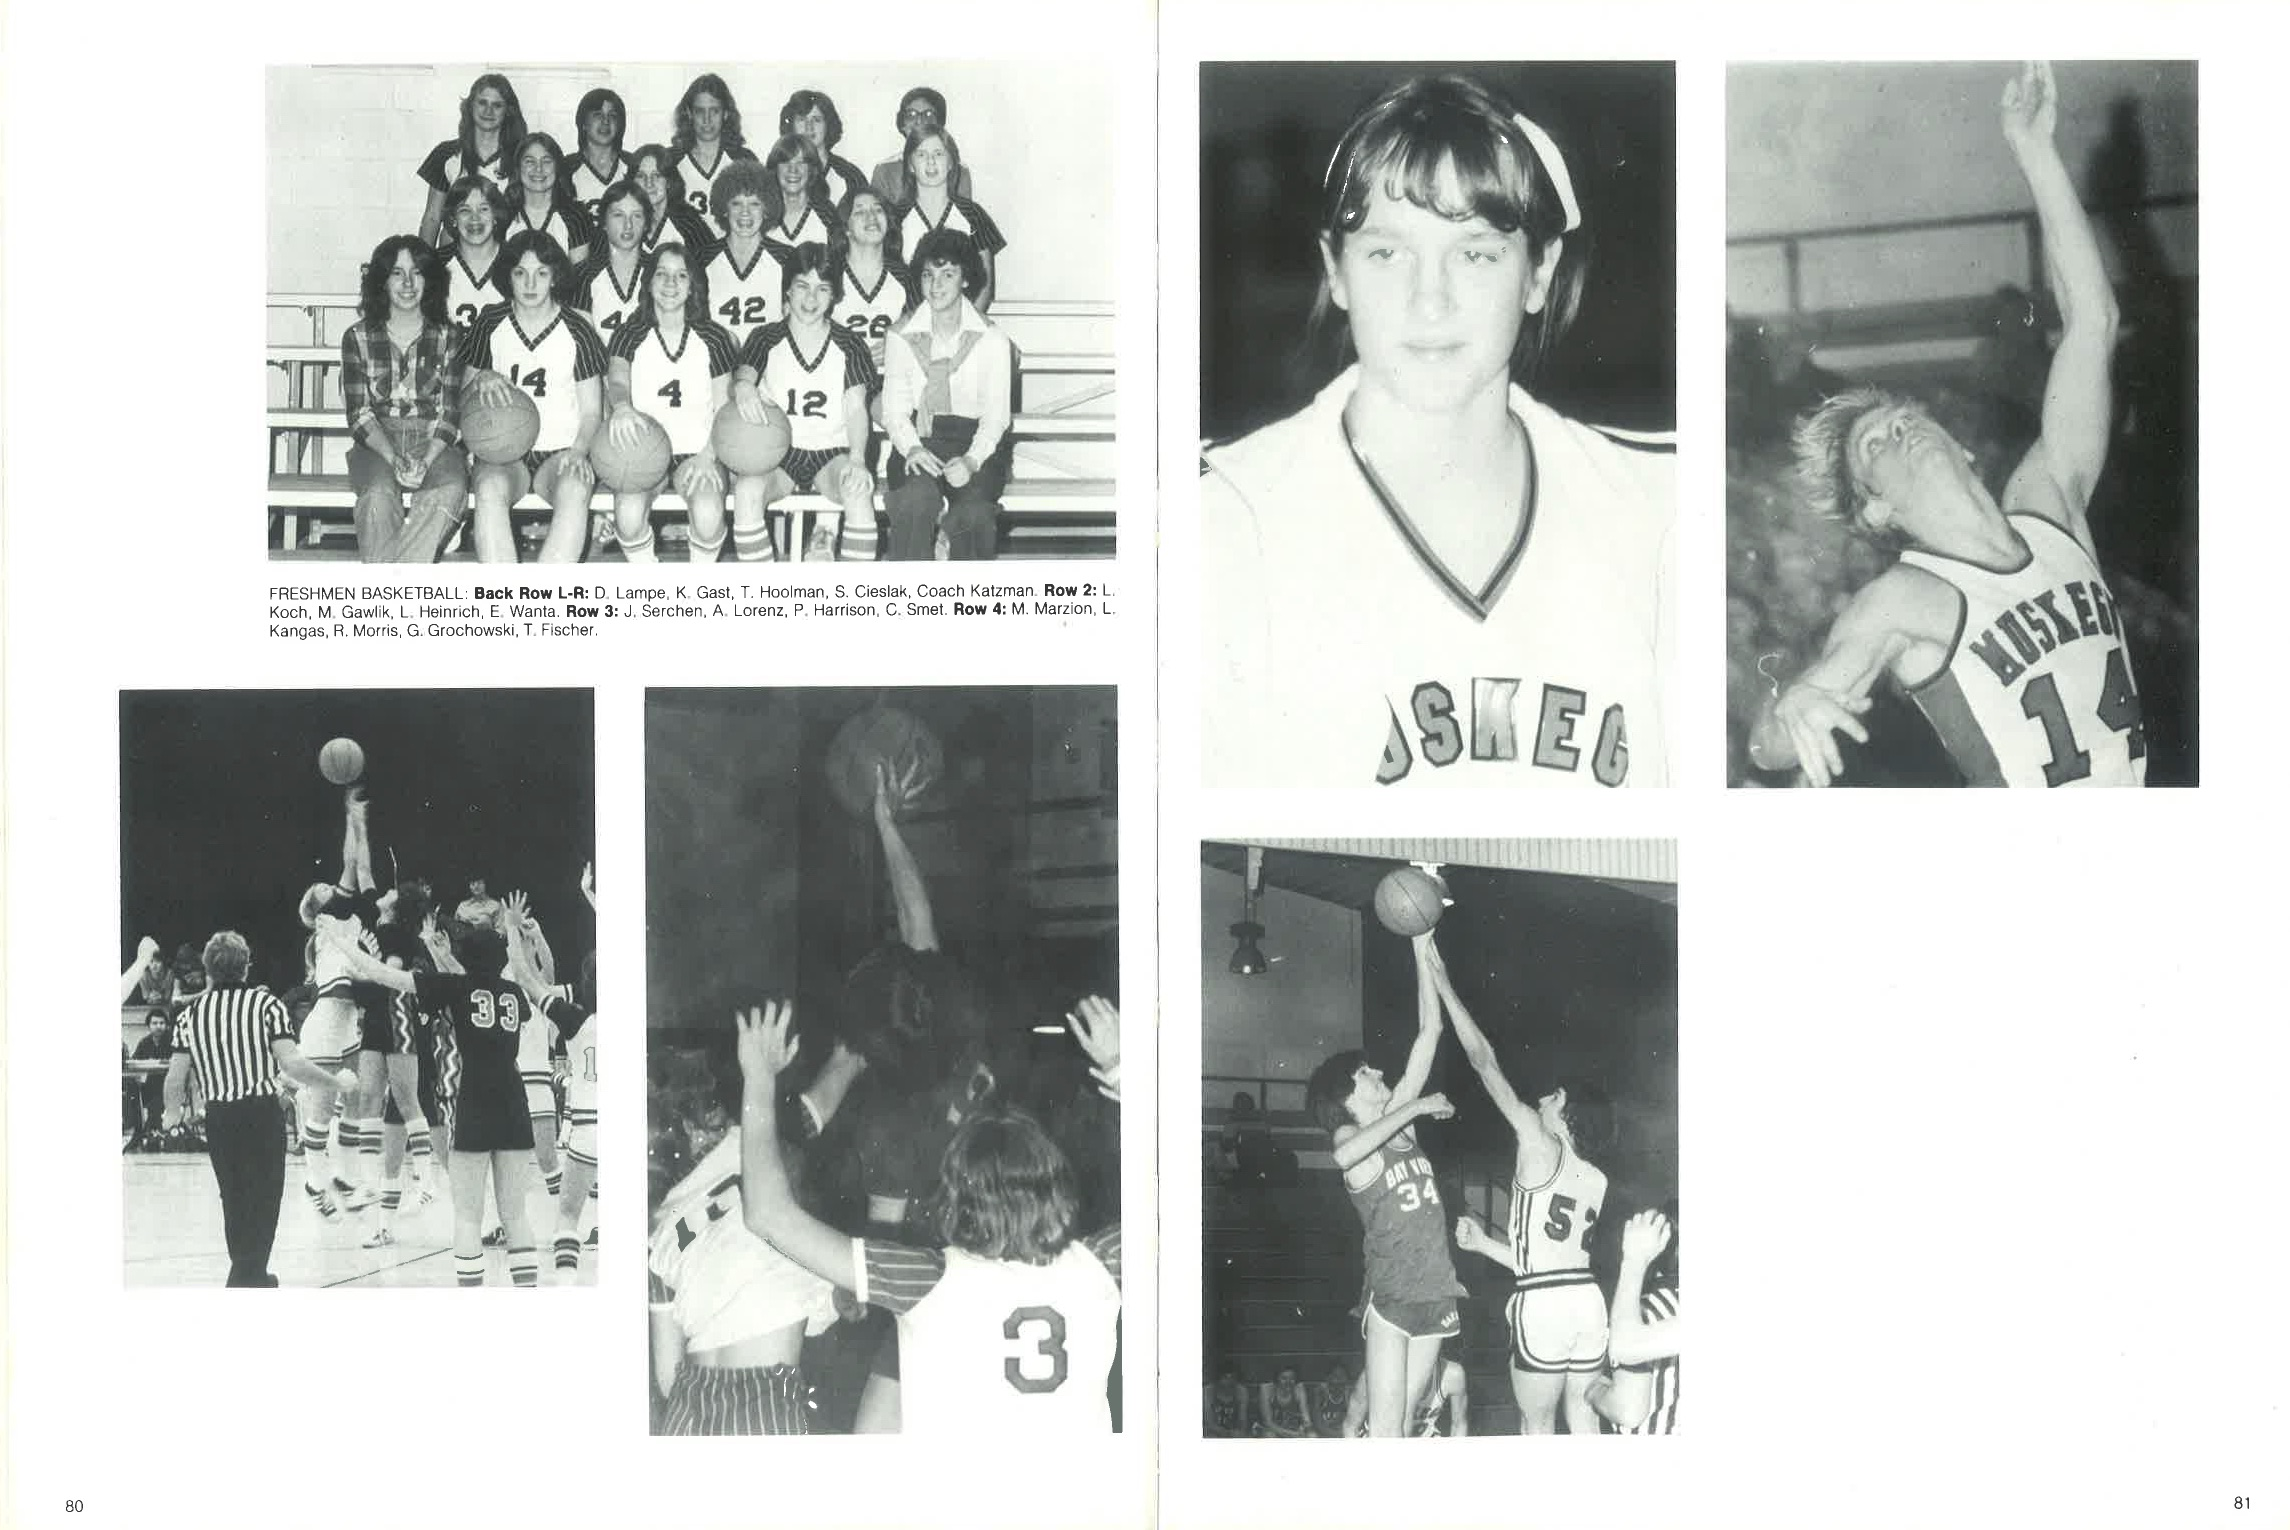 1979_Yearbook_80.jpg